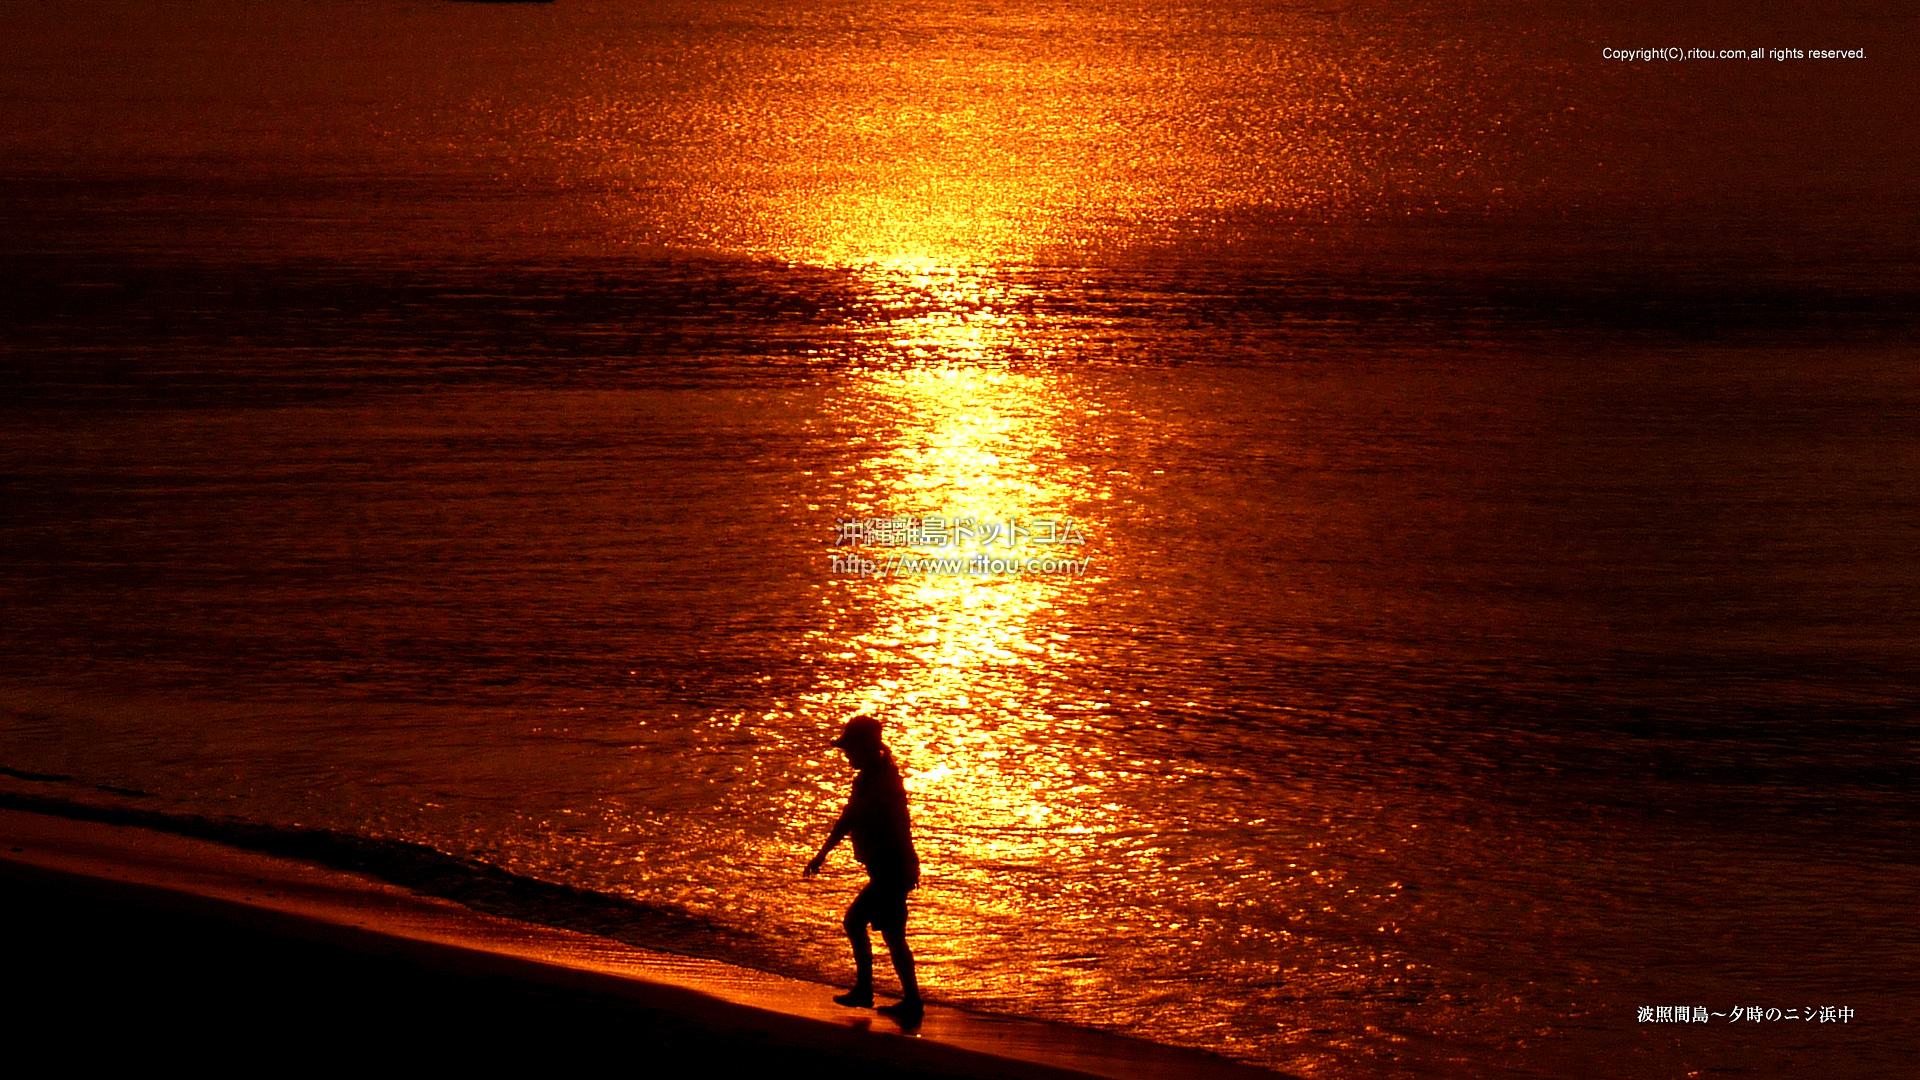 波照間島〜夕時のニシ浜中